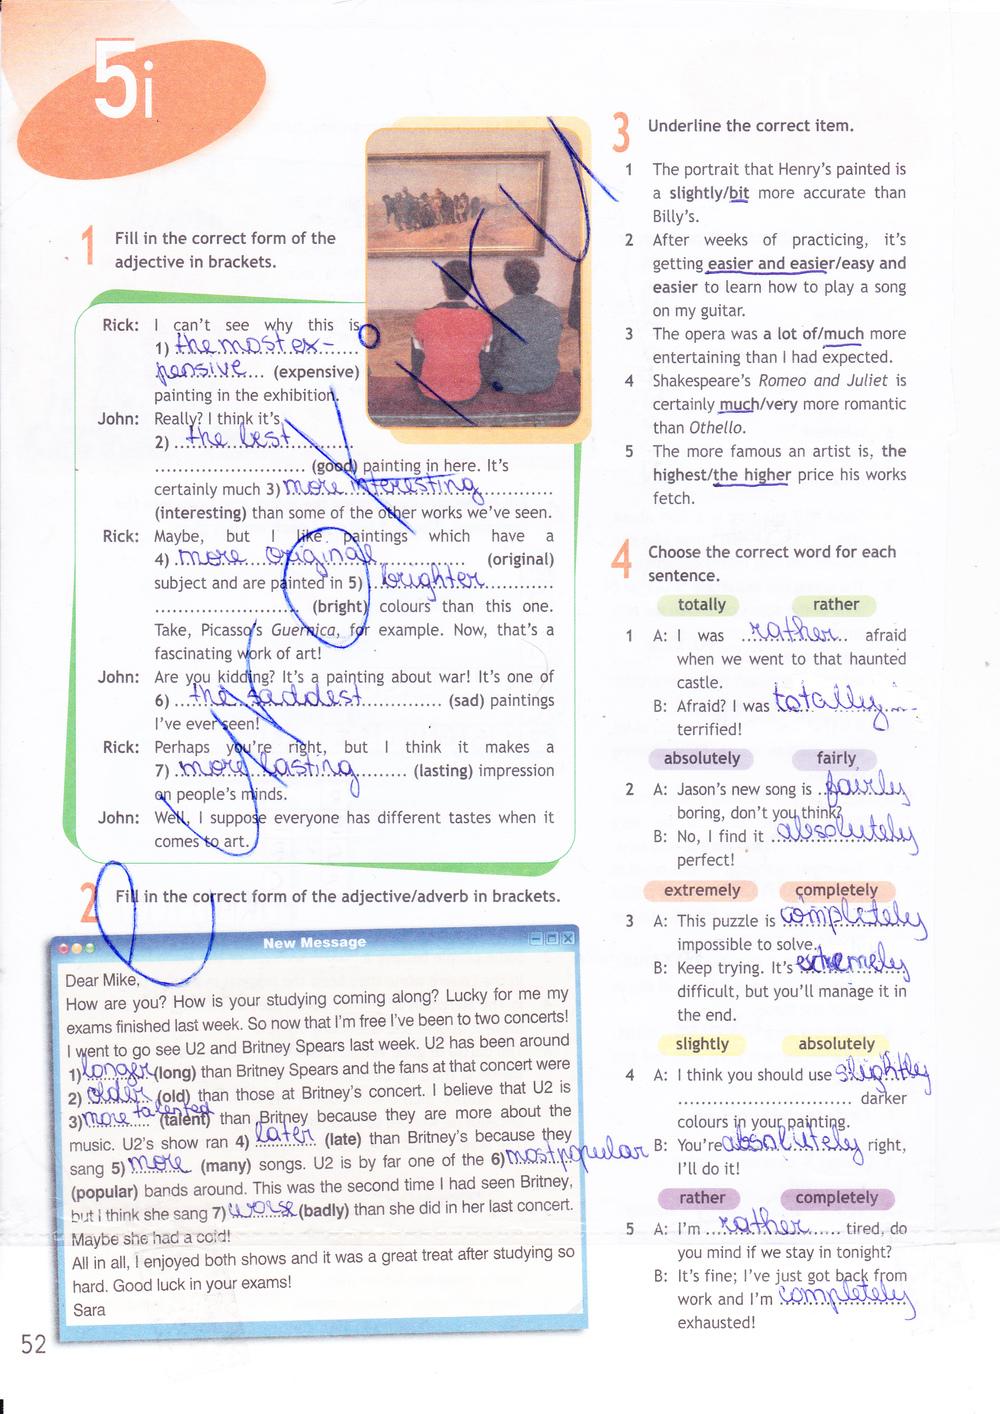 Гдз по английскому языку 6 класс evans dooley рабочая тетрадь